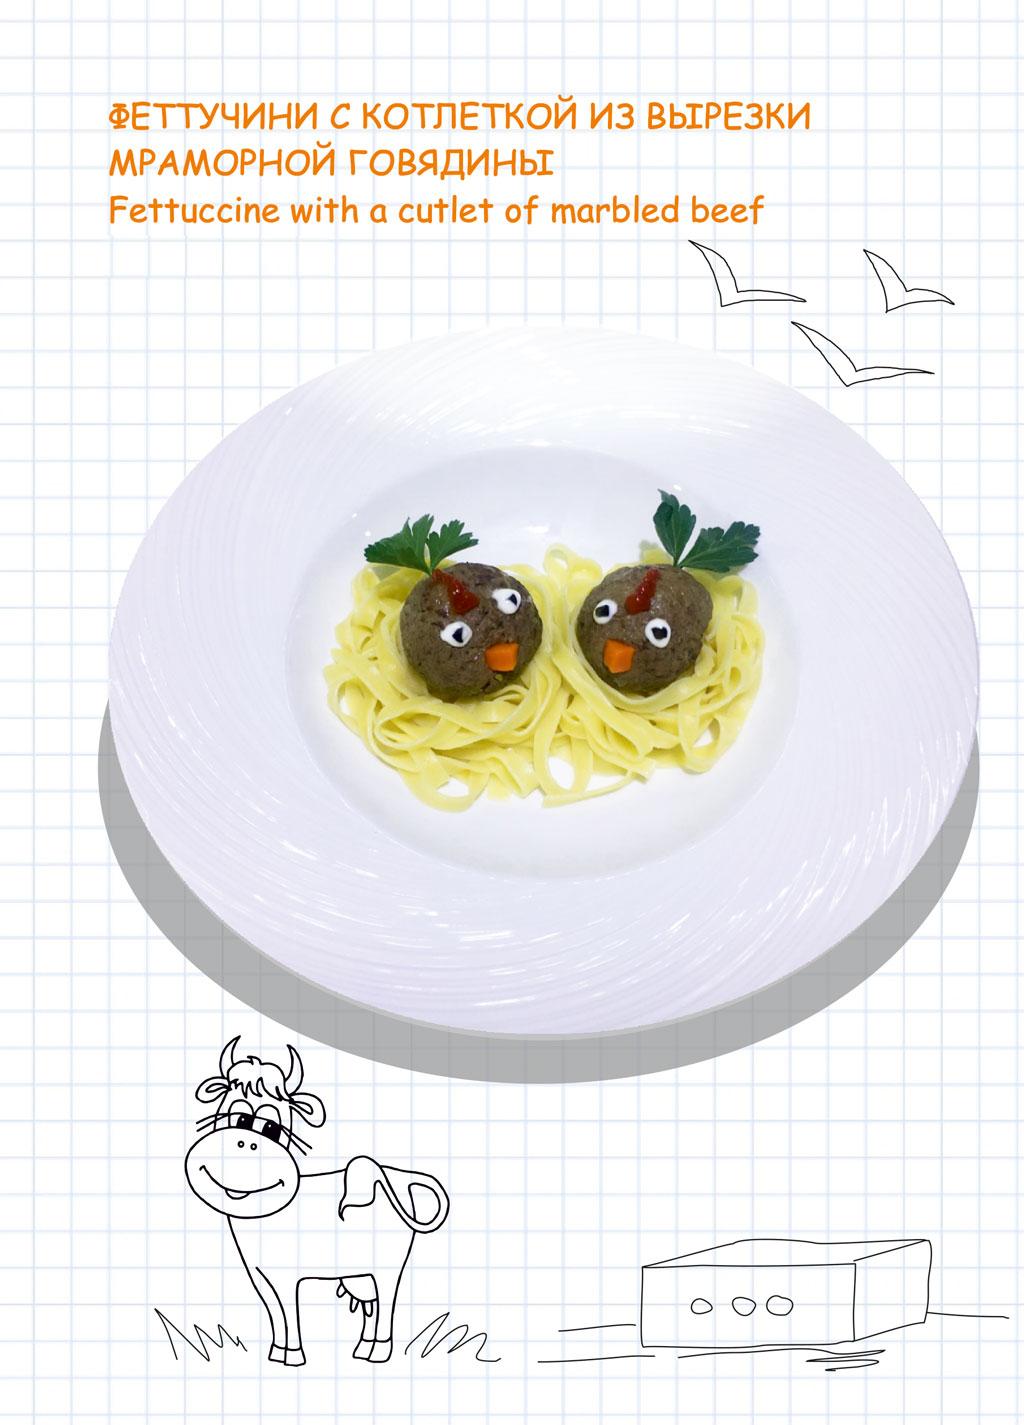 Феттучини с котлеткой из вырезки мраморной говядины (Fettuccine with a cutlet of marbled beef) в ресторане Аннам Брахма в Оренбурге